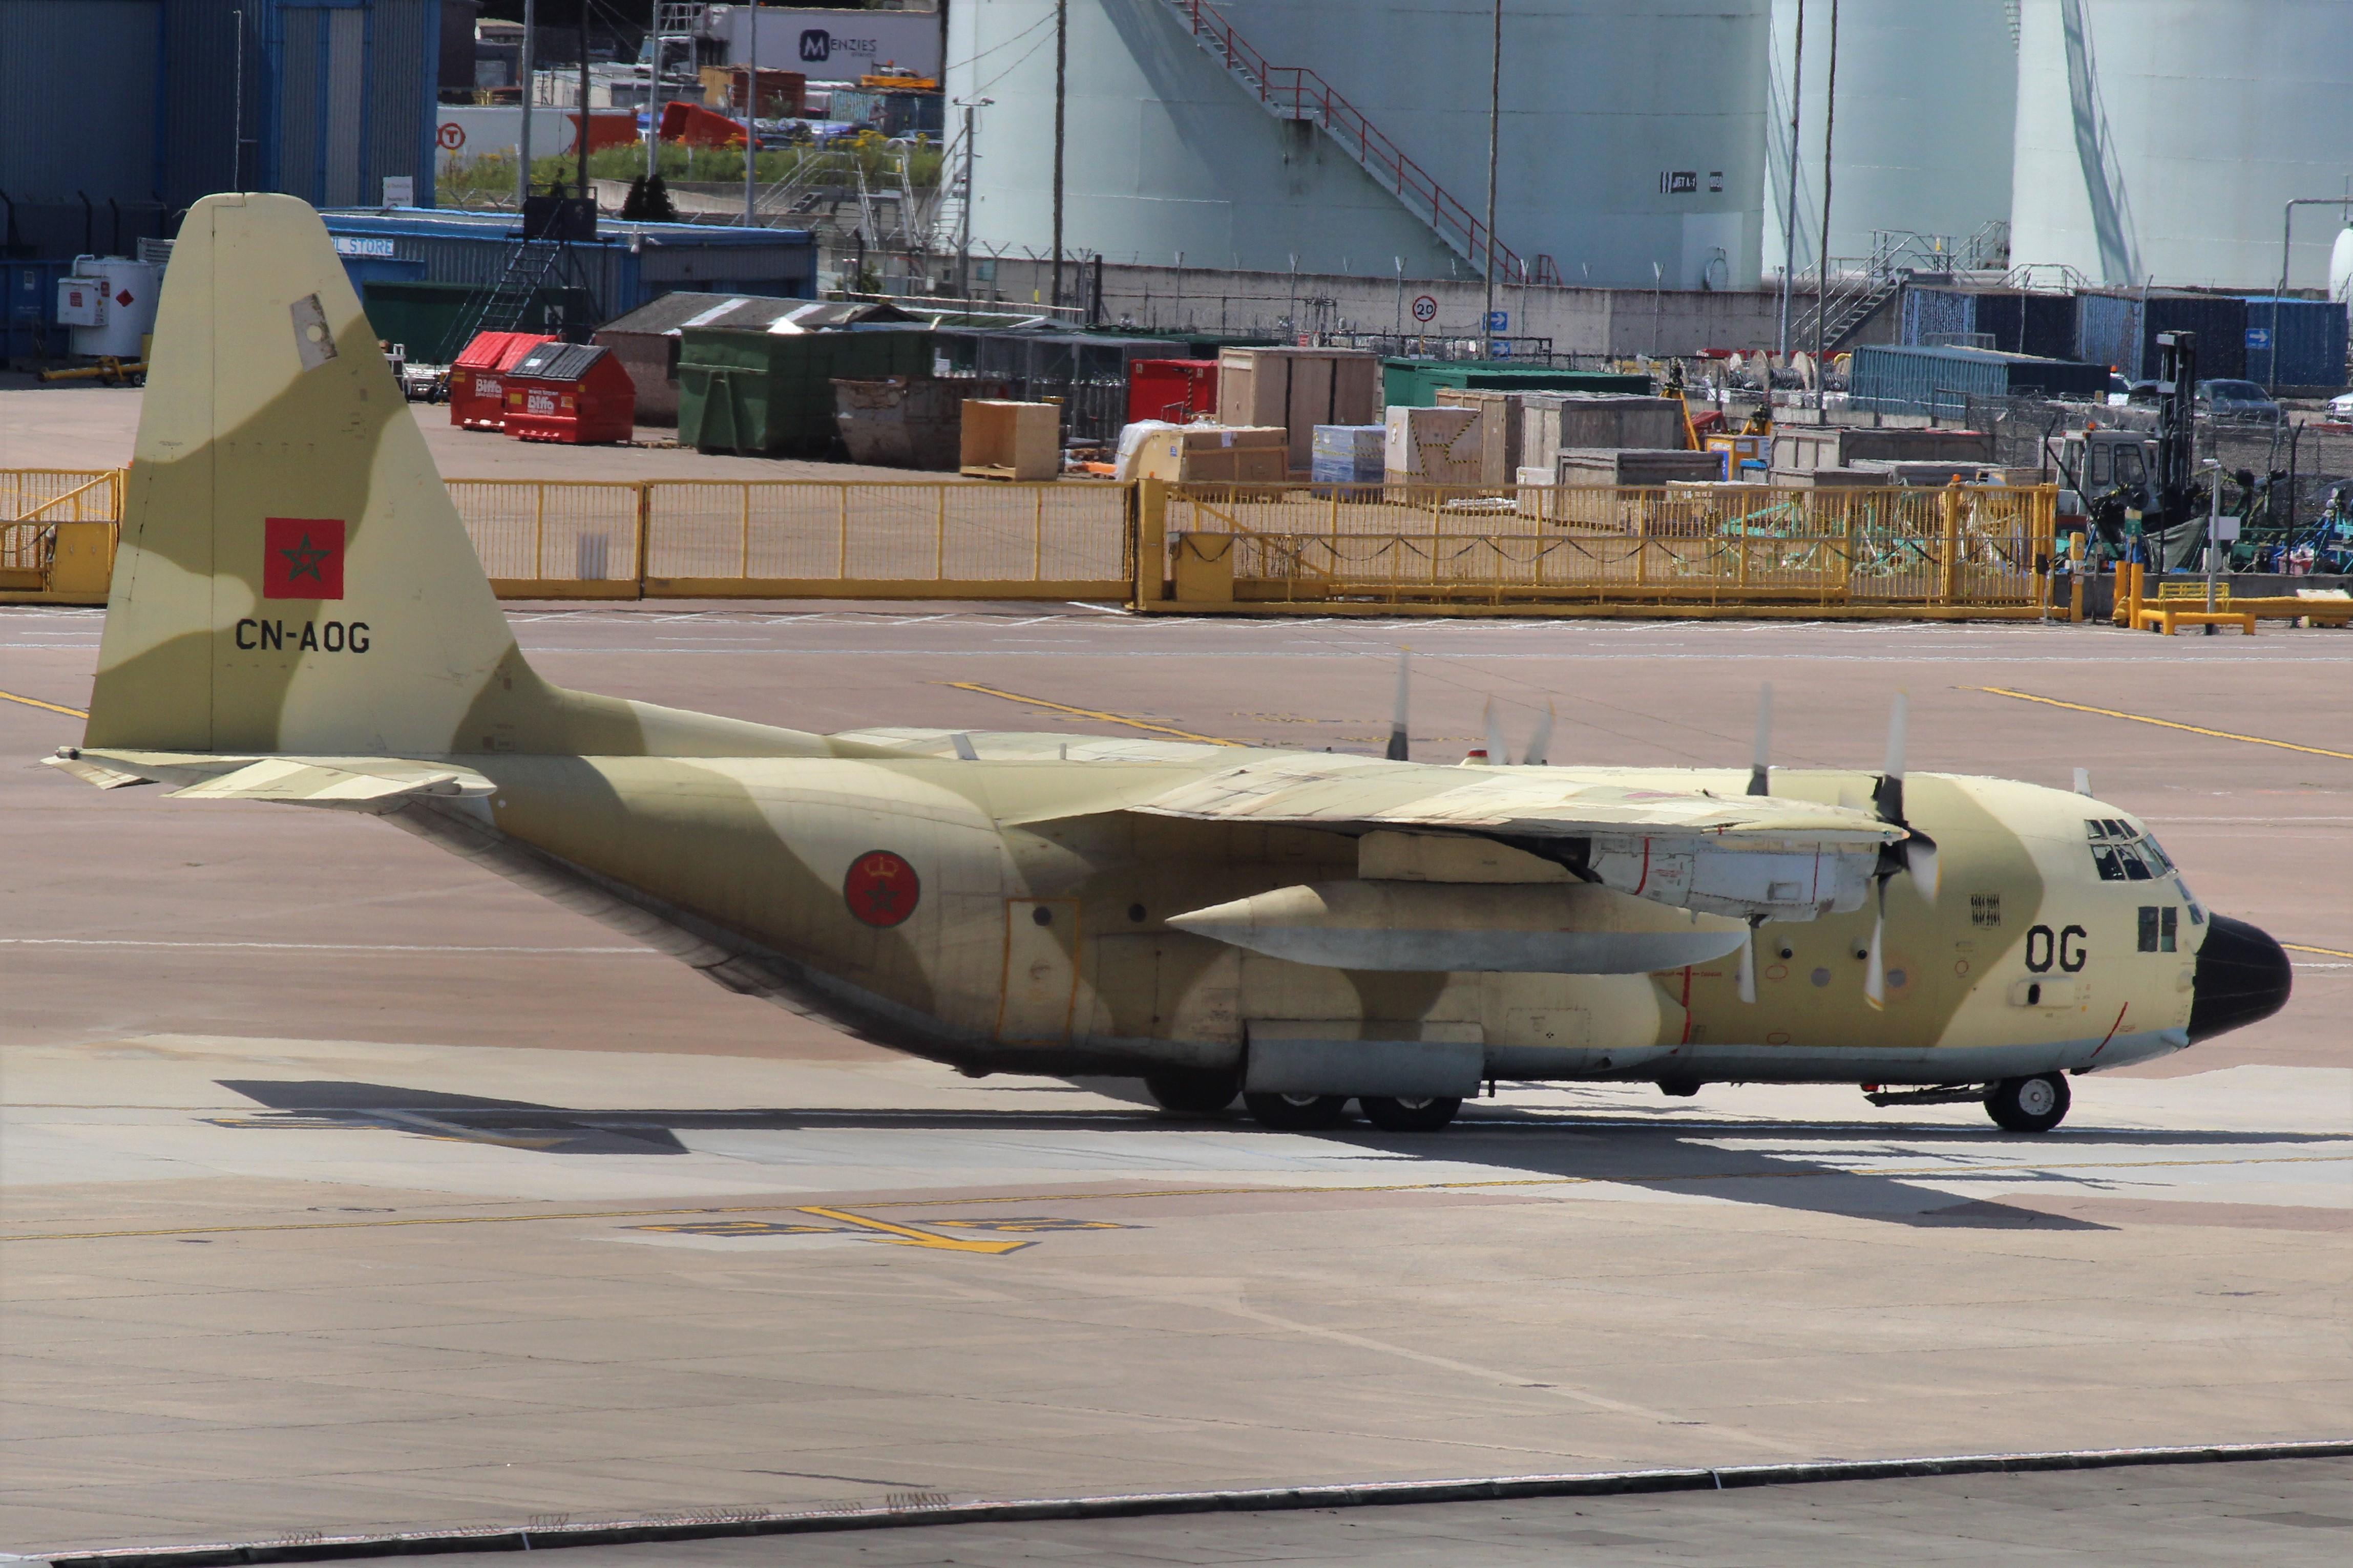 FRA: Photos d'avions de transport - Page 36 46135389481_b6548a097a_o